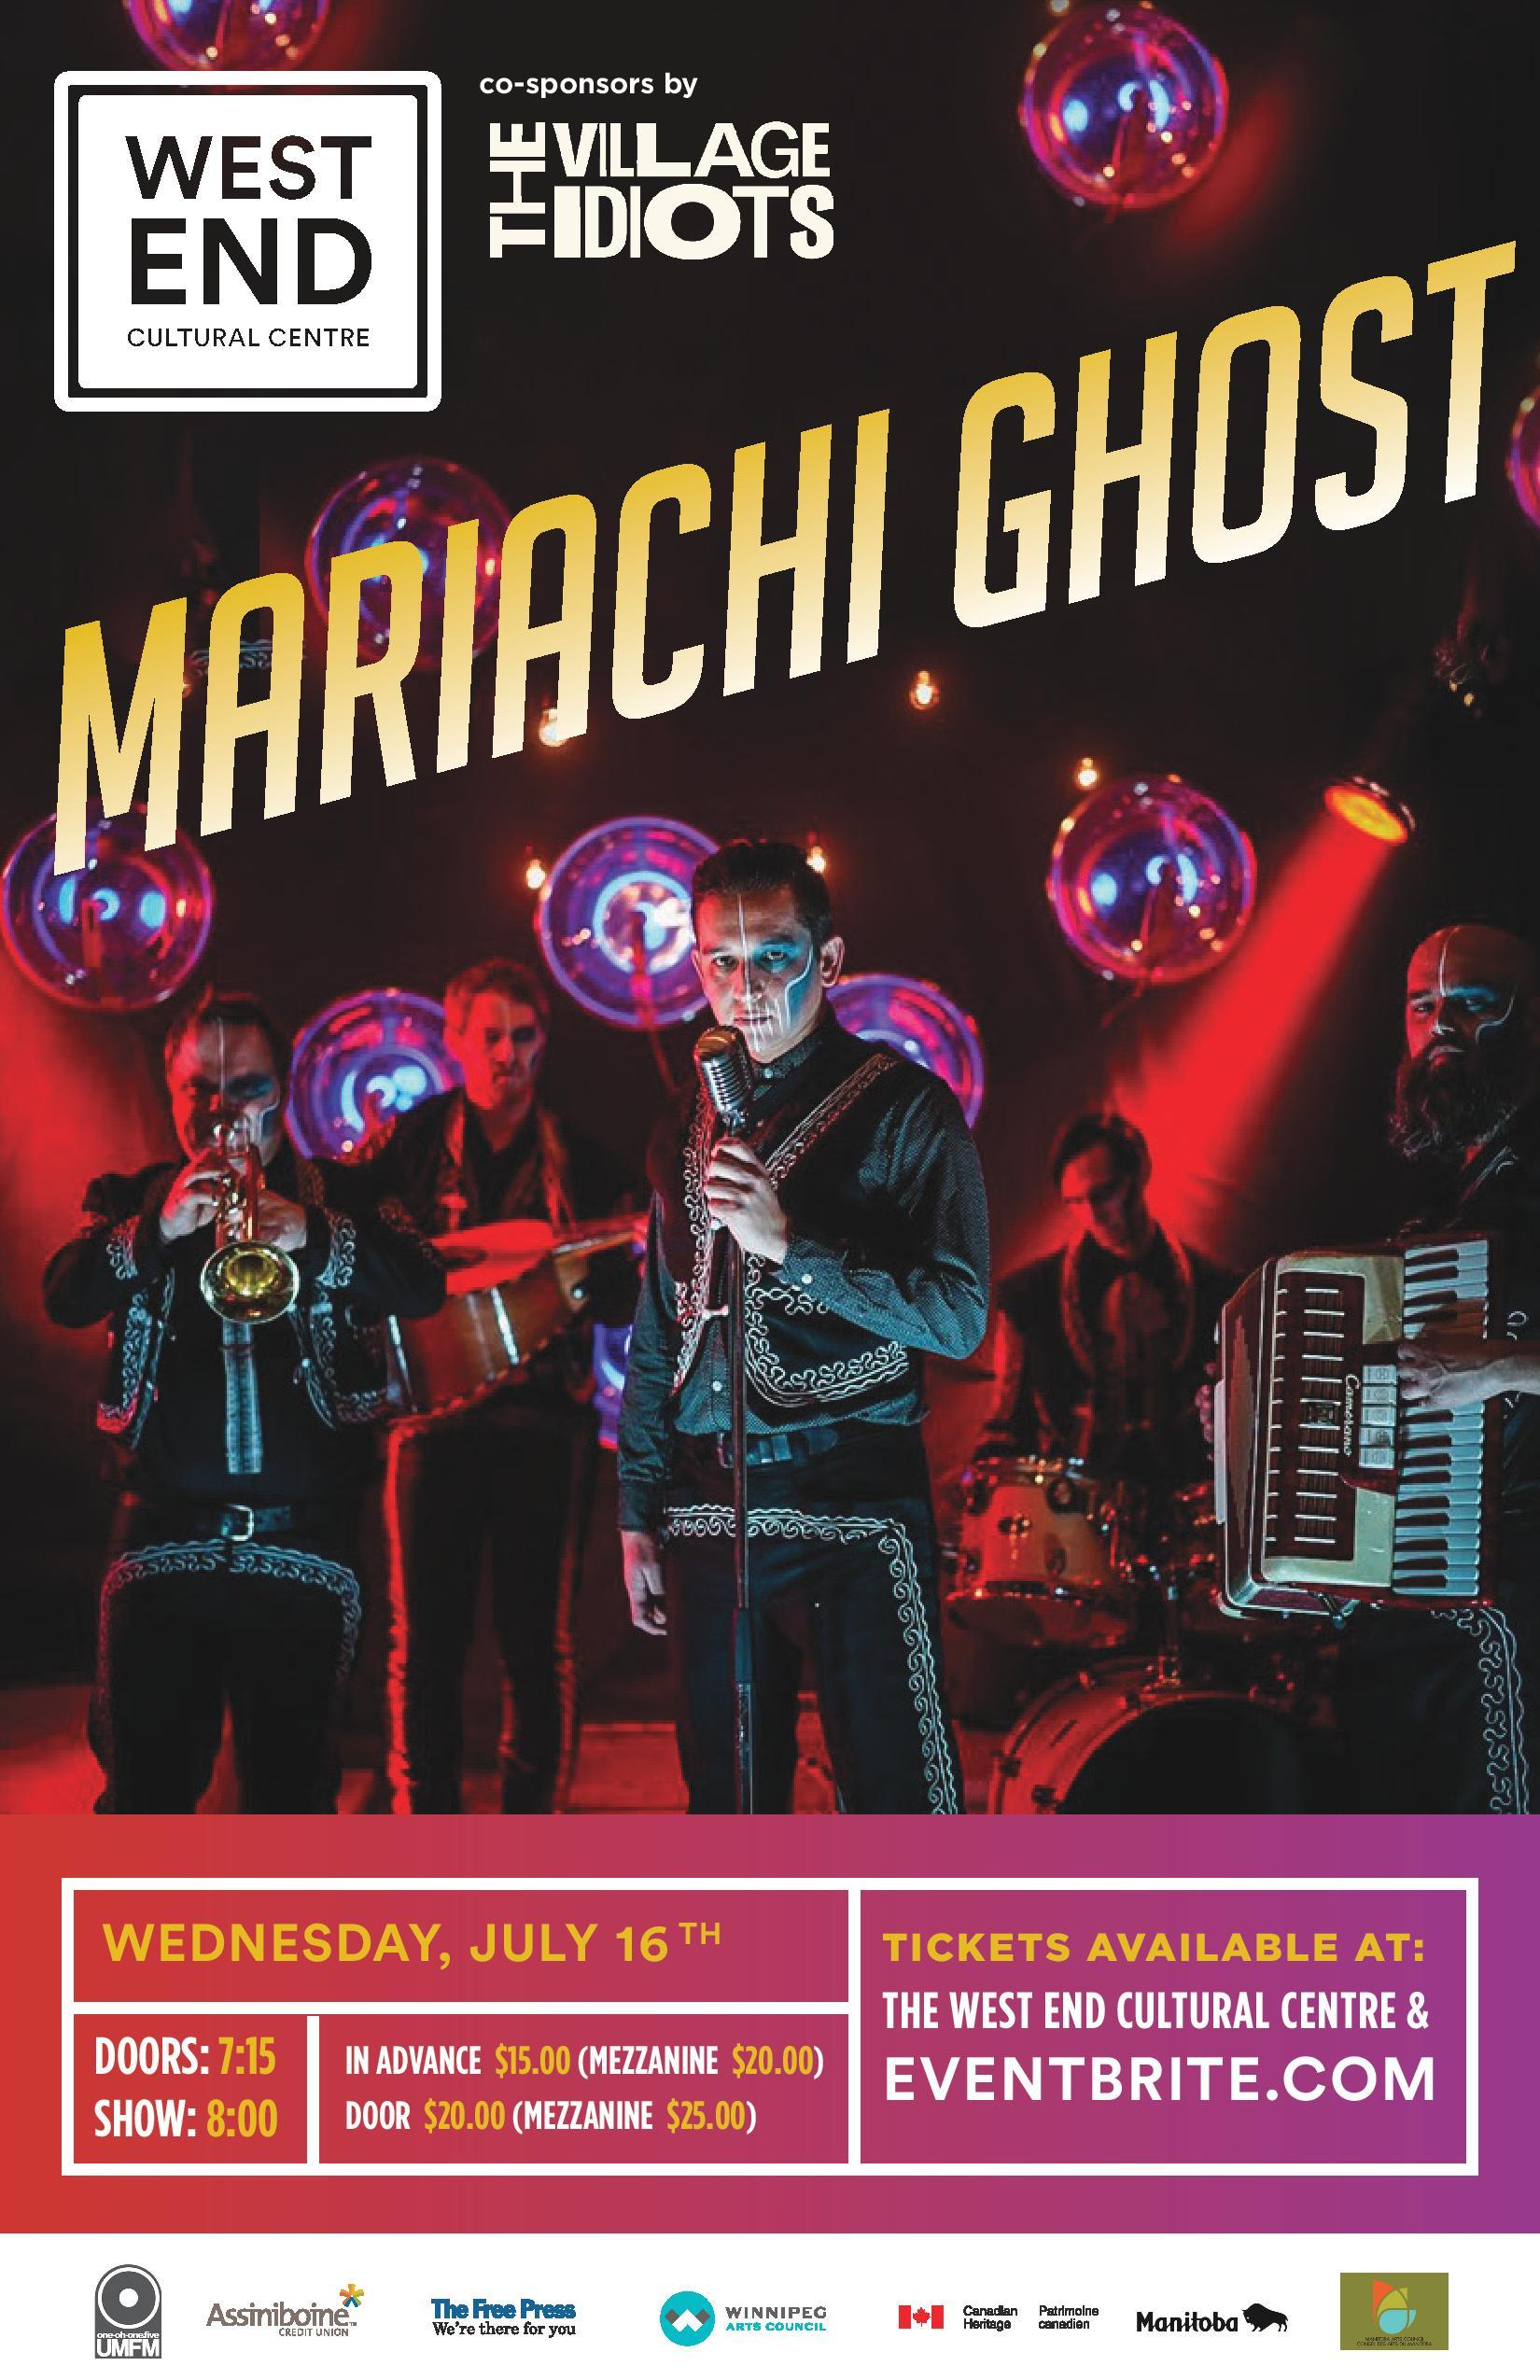 190716 - The Mariachi Ghost.jpg